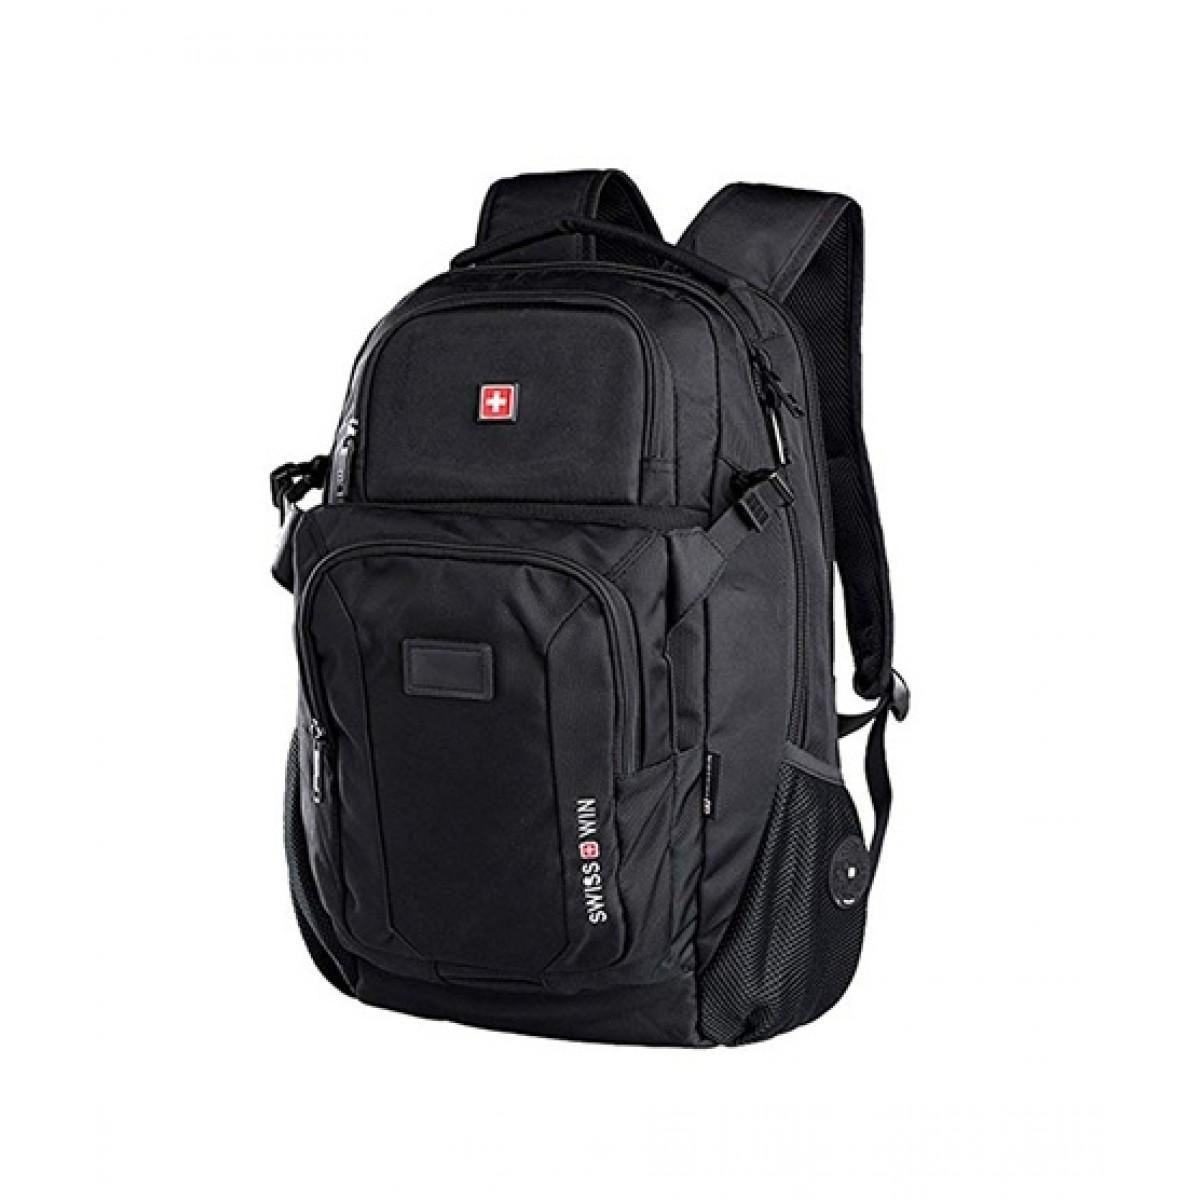 Swisswin Outdoor Travel Backpack Black (SW9101)